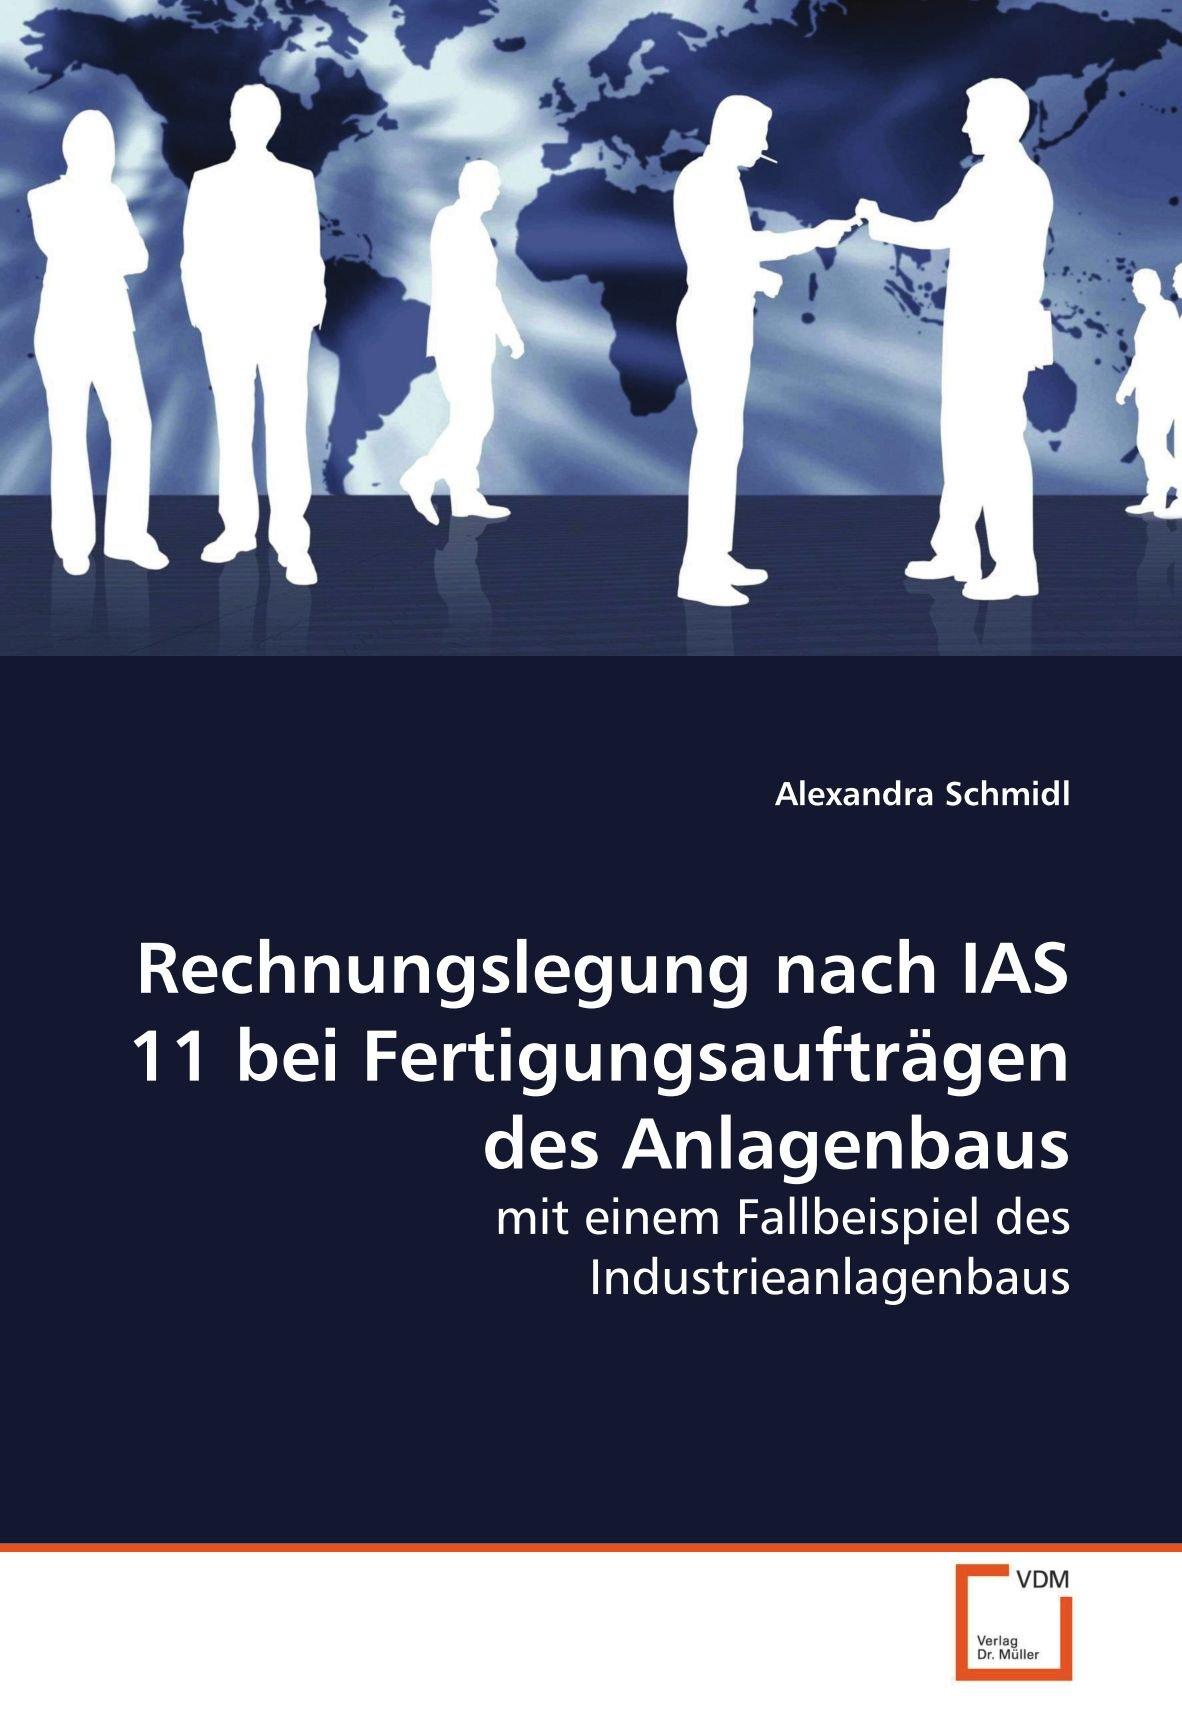 Rechnungslegung nach IAS 11 bei Fertigungsaufträgen des Anlagenbaus: mit einem Fallbeispiel des Industrieanlagenbaus